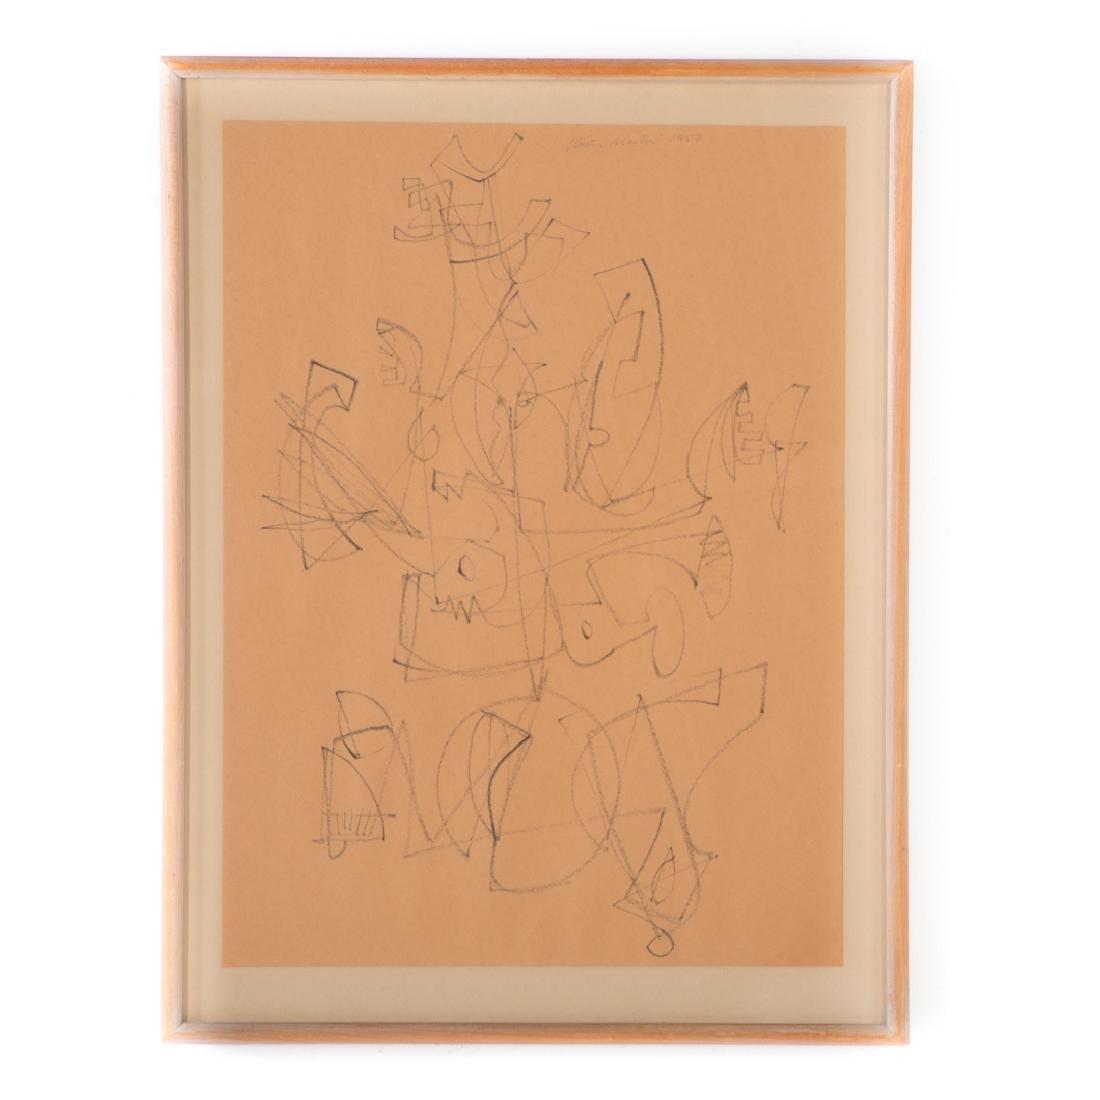 Keith Martin. Chimera V, drawing